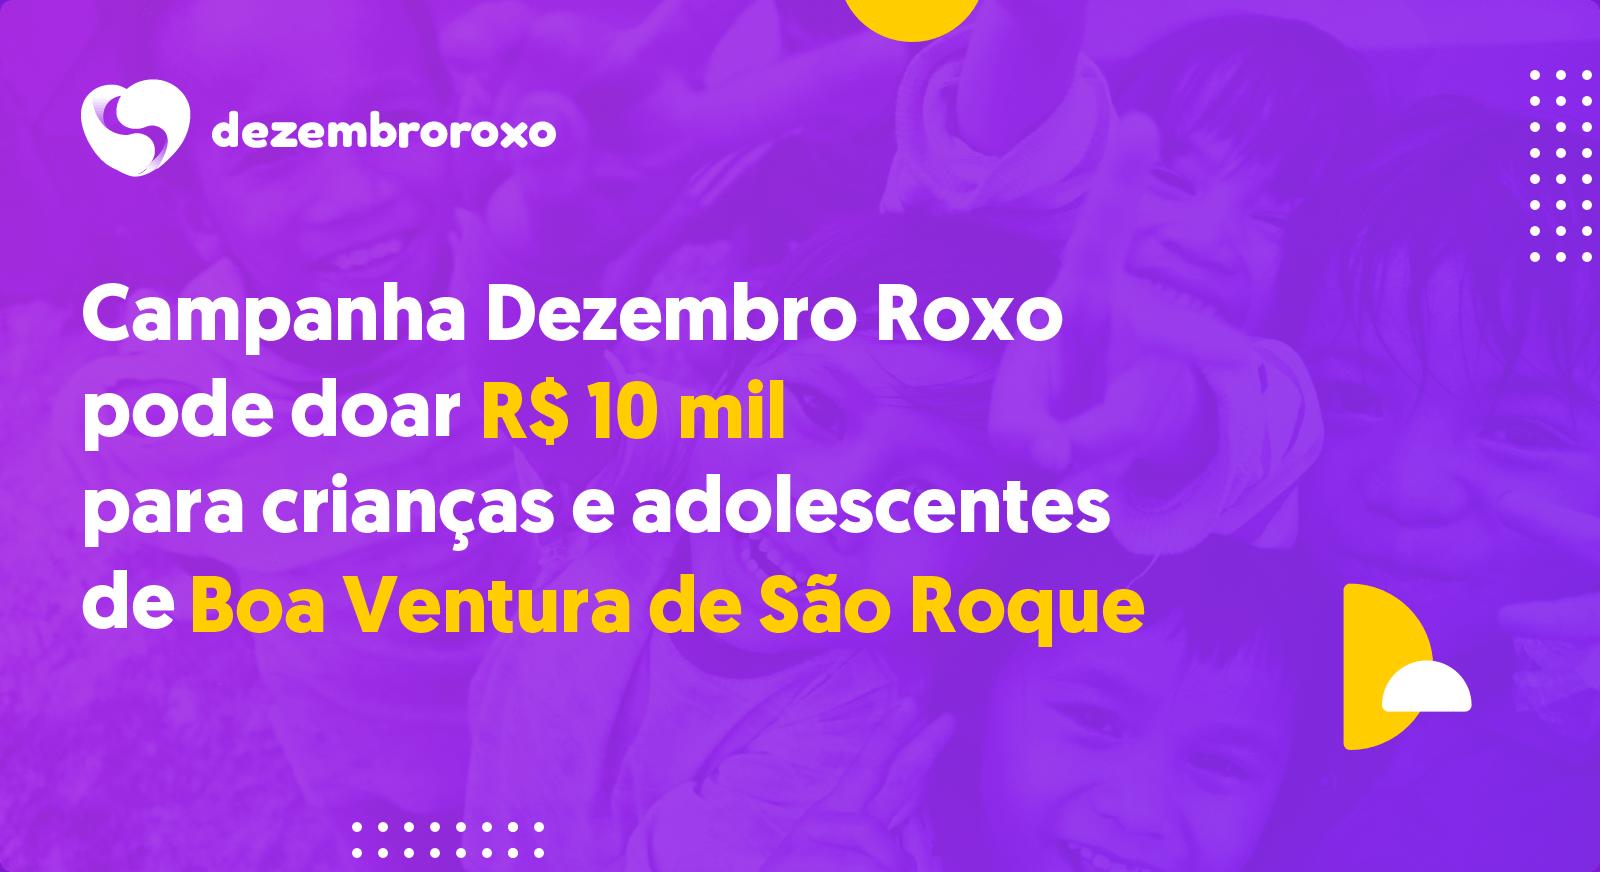 Doações em Boa Ventura de São Roque - PR